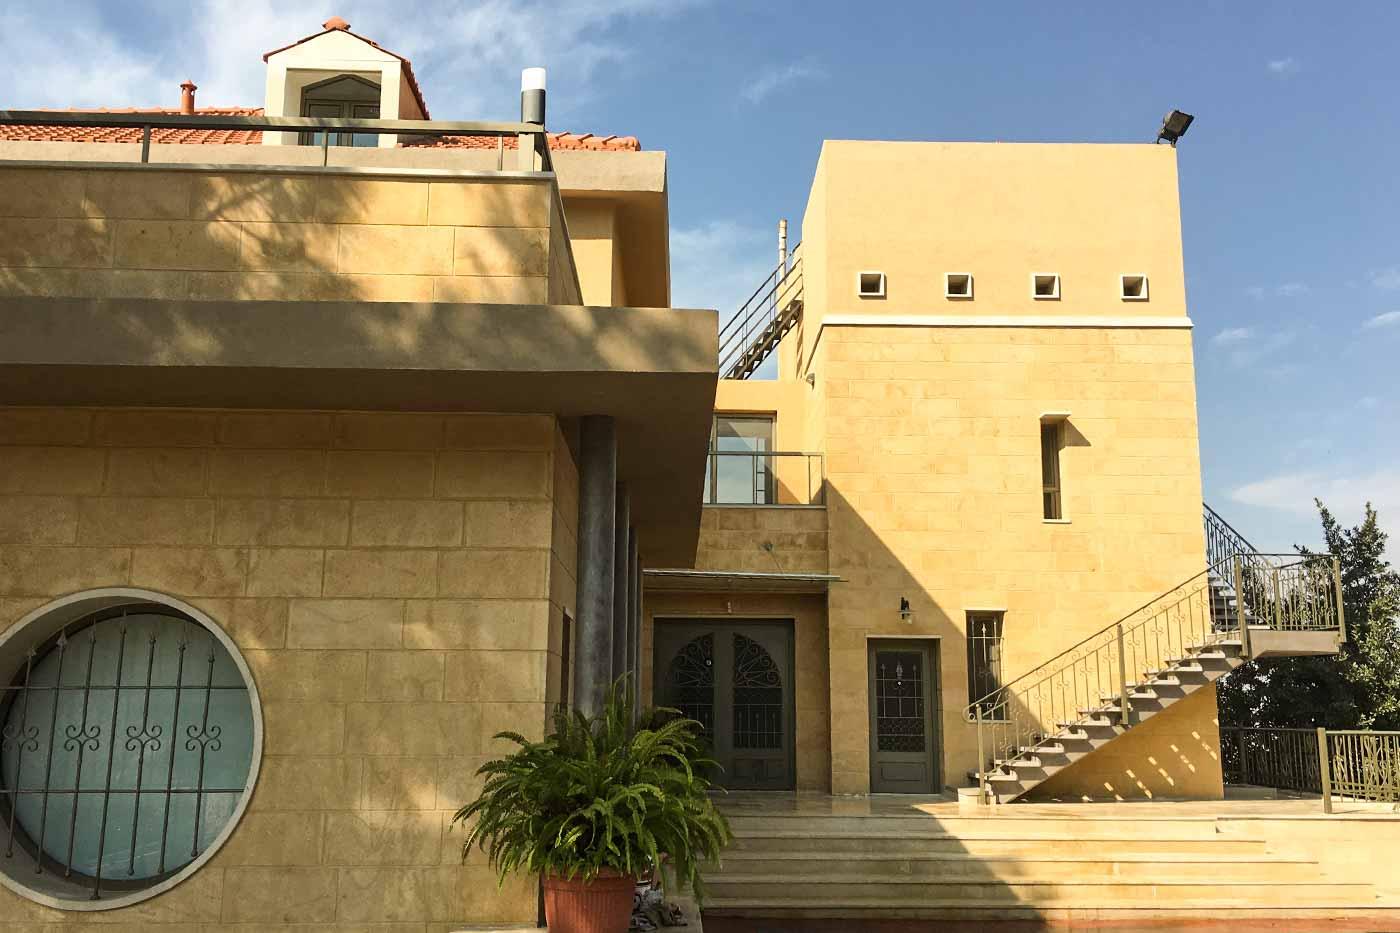 Hisham Merhi Villa Entrance with Steel Gate